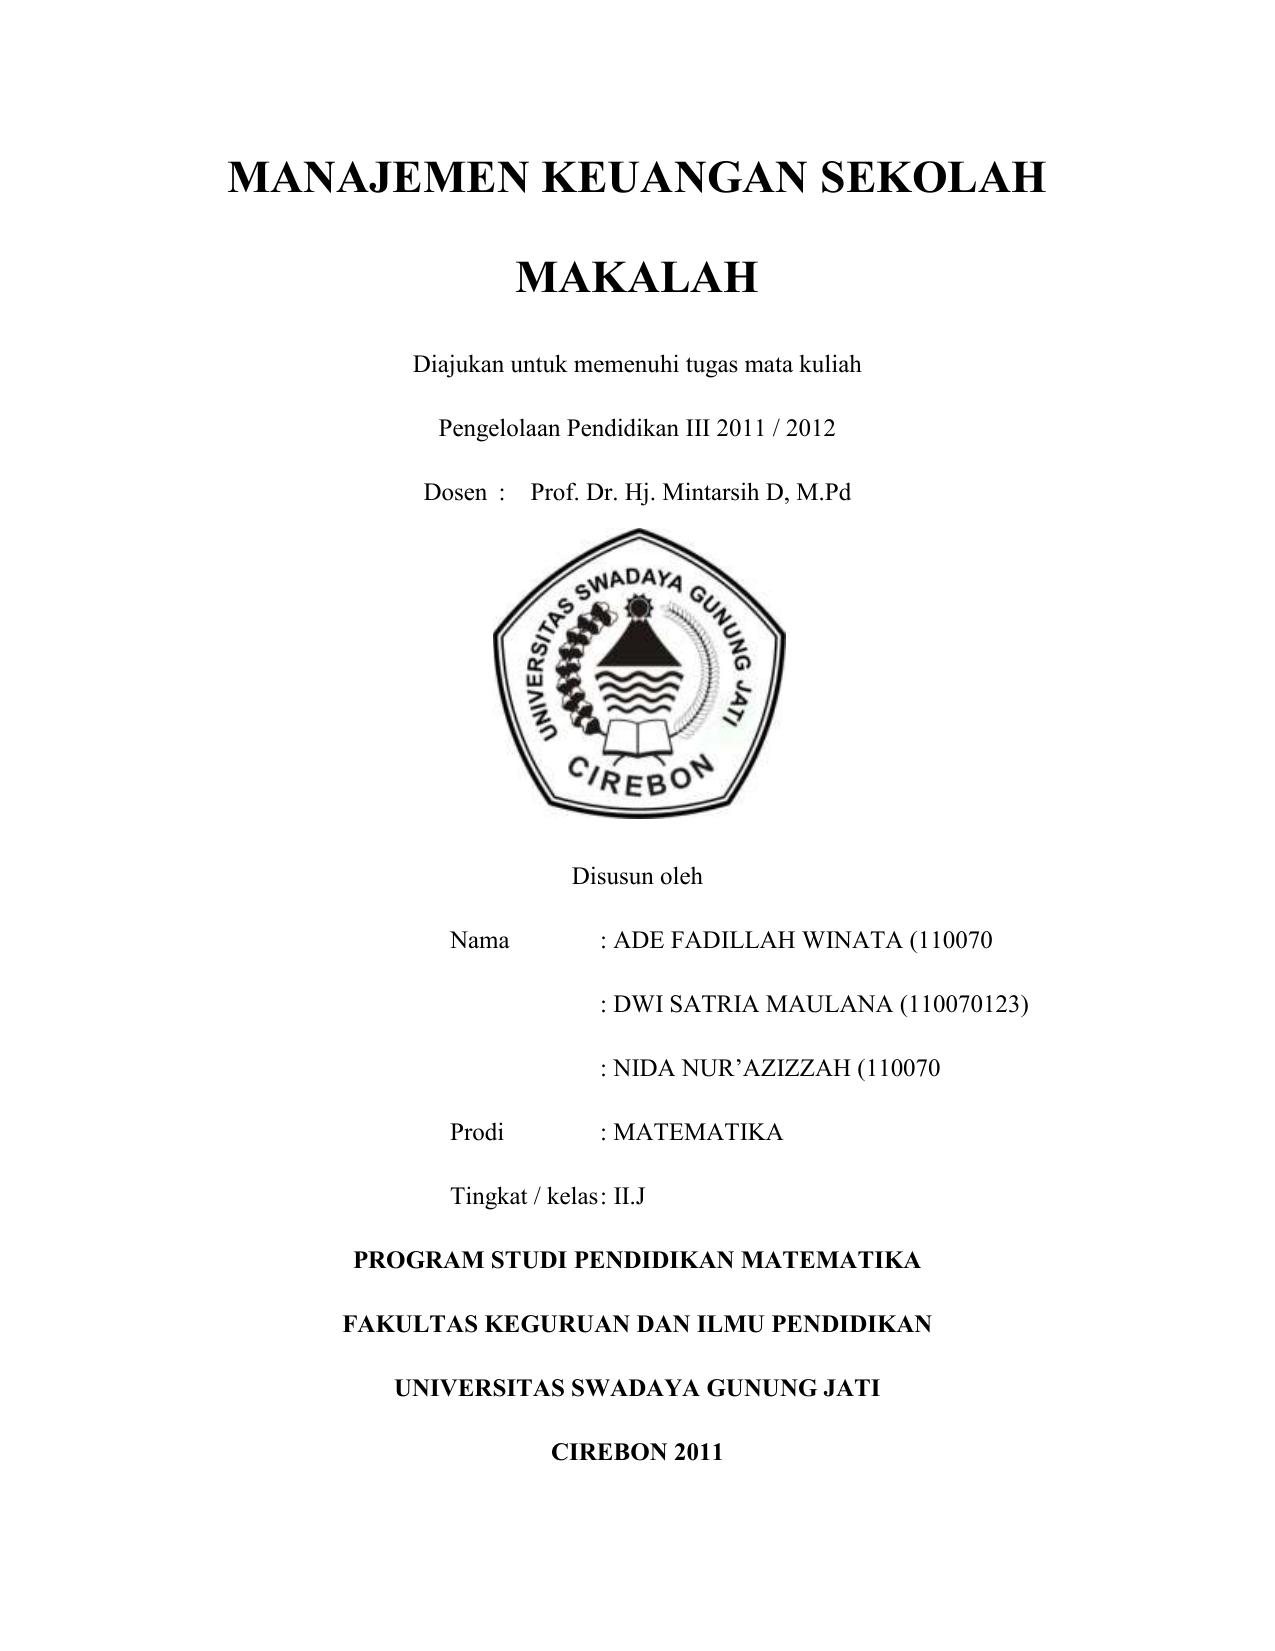 Manajemen Keuangan Sekolah Makalah